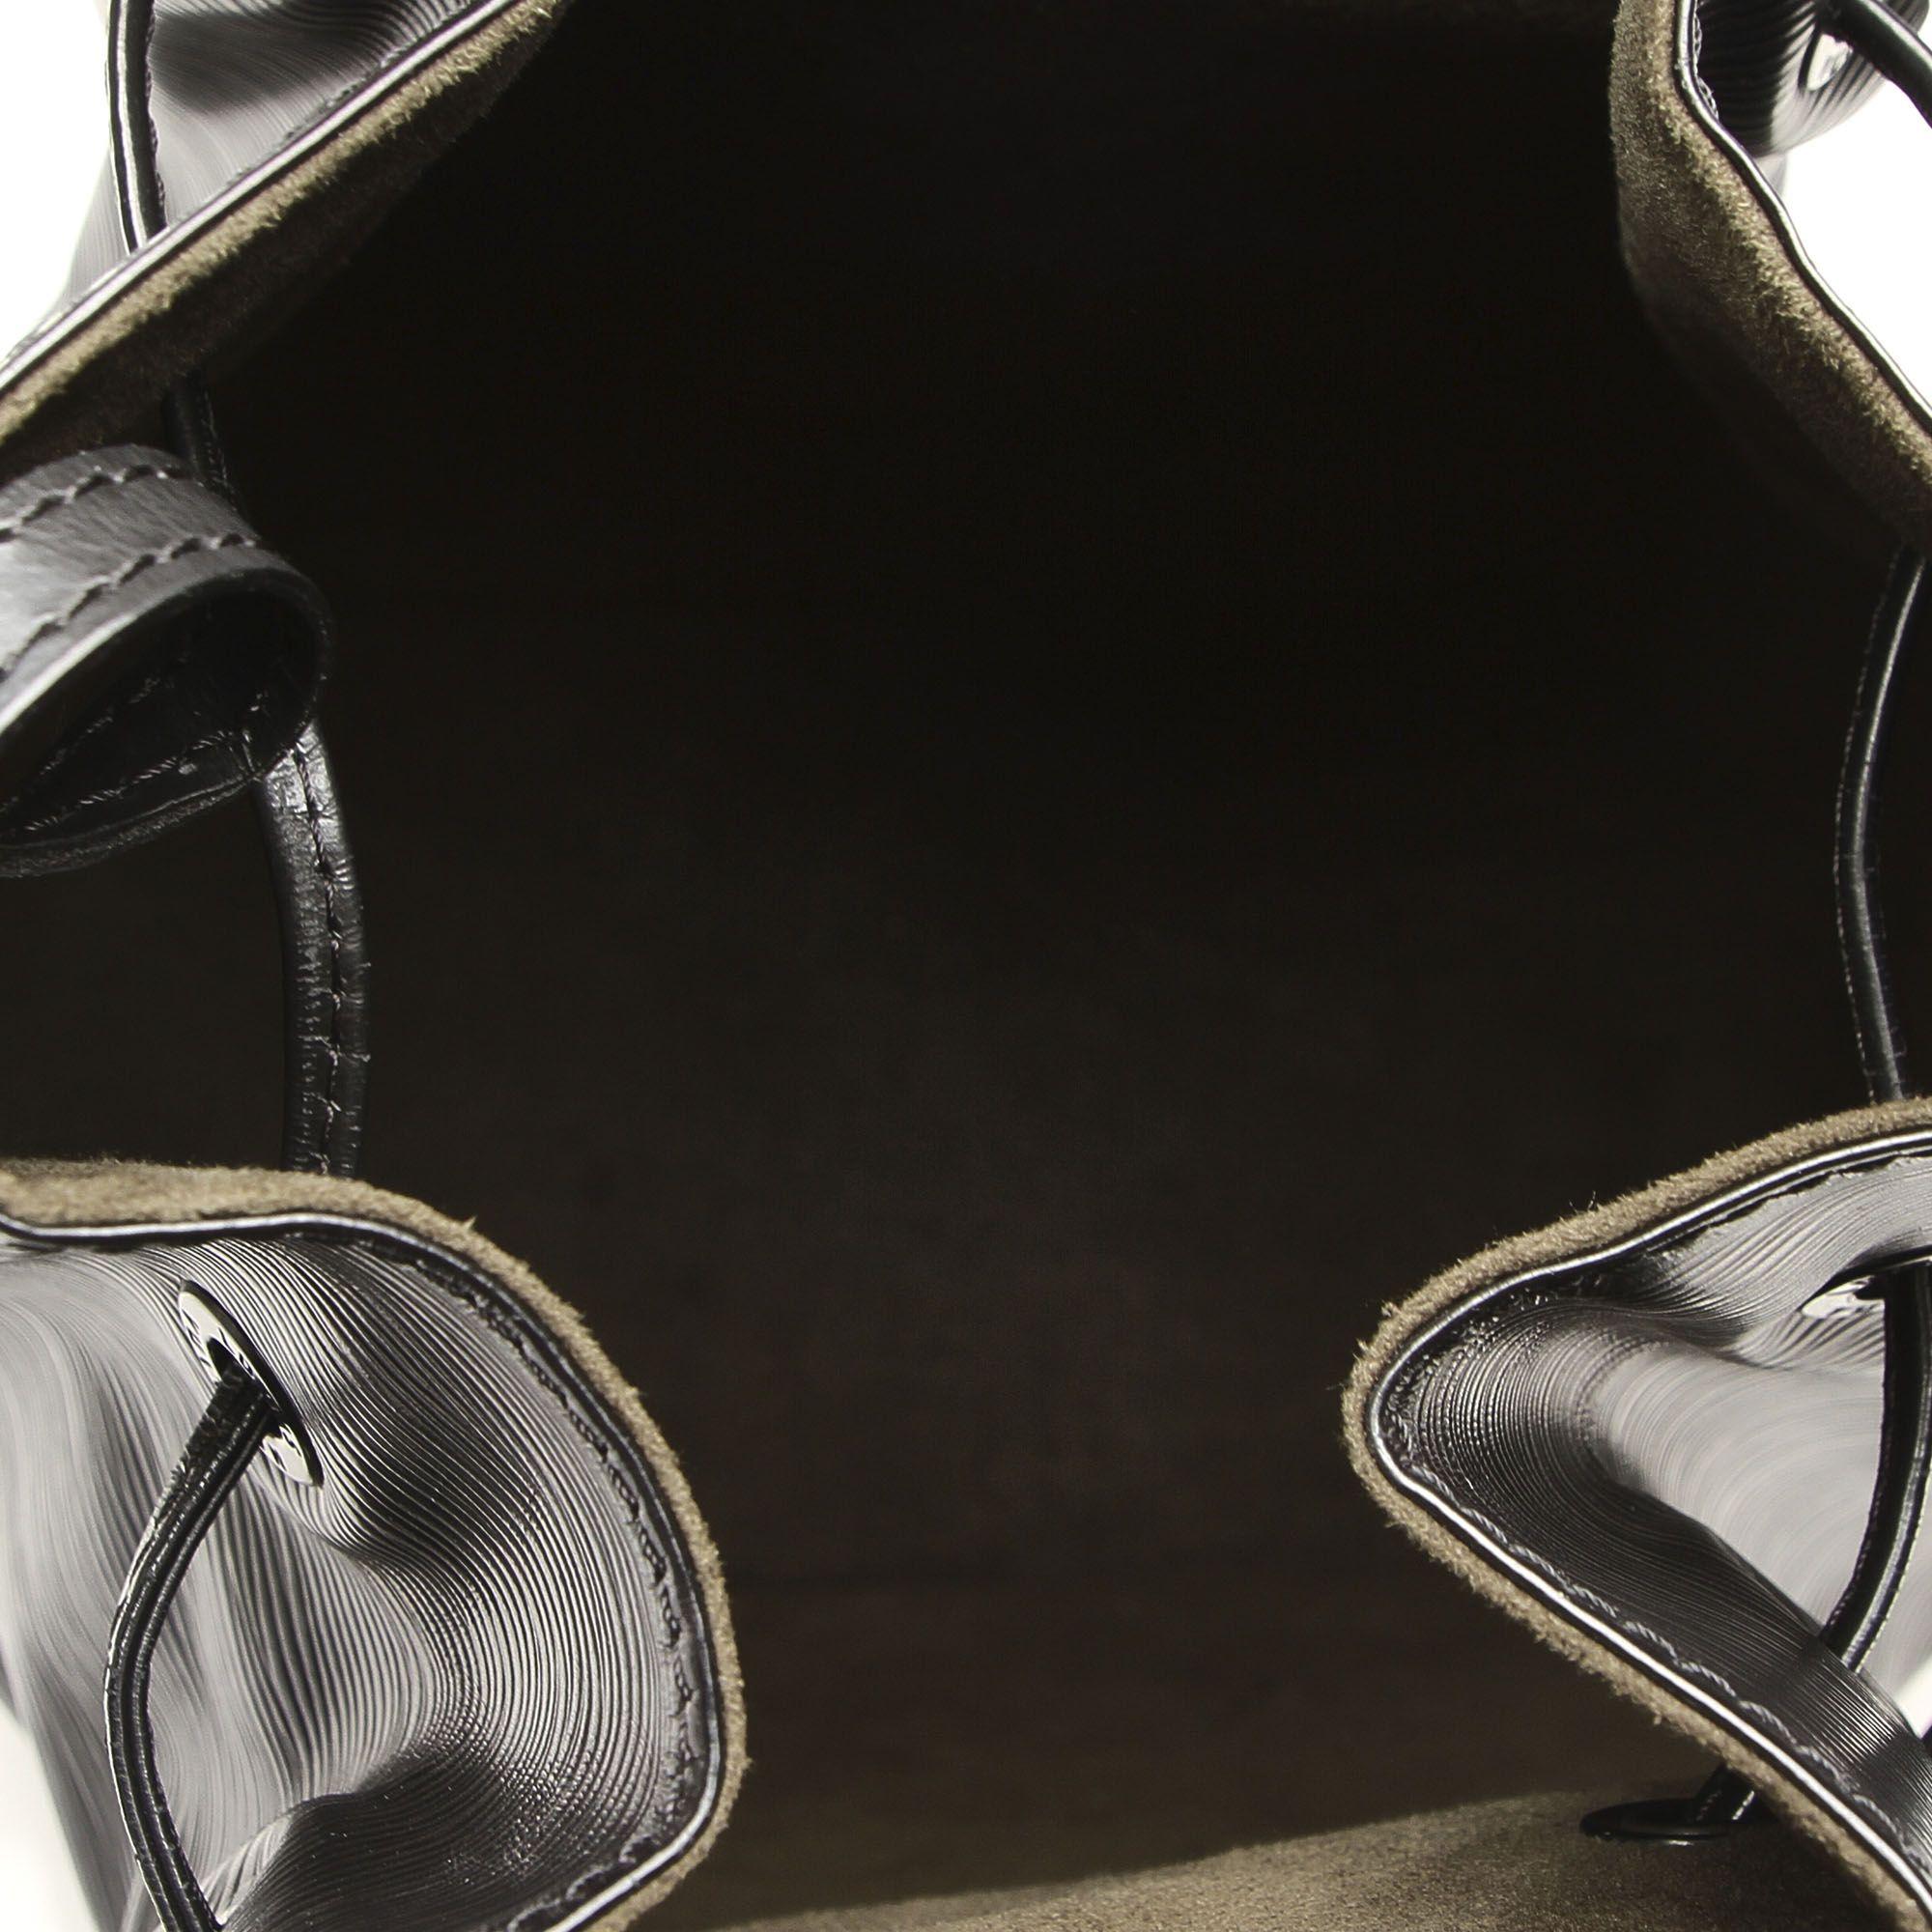 Vintage Louis Vuitton Epi Sac dEpaule Black